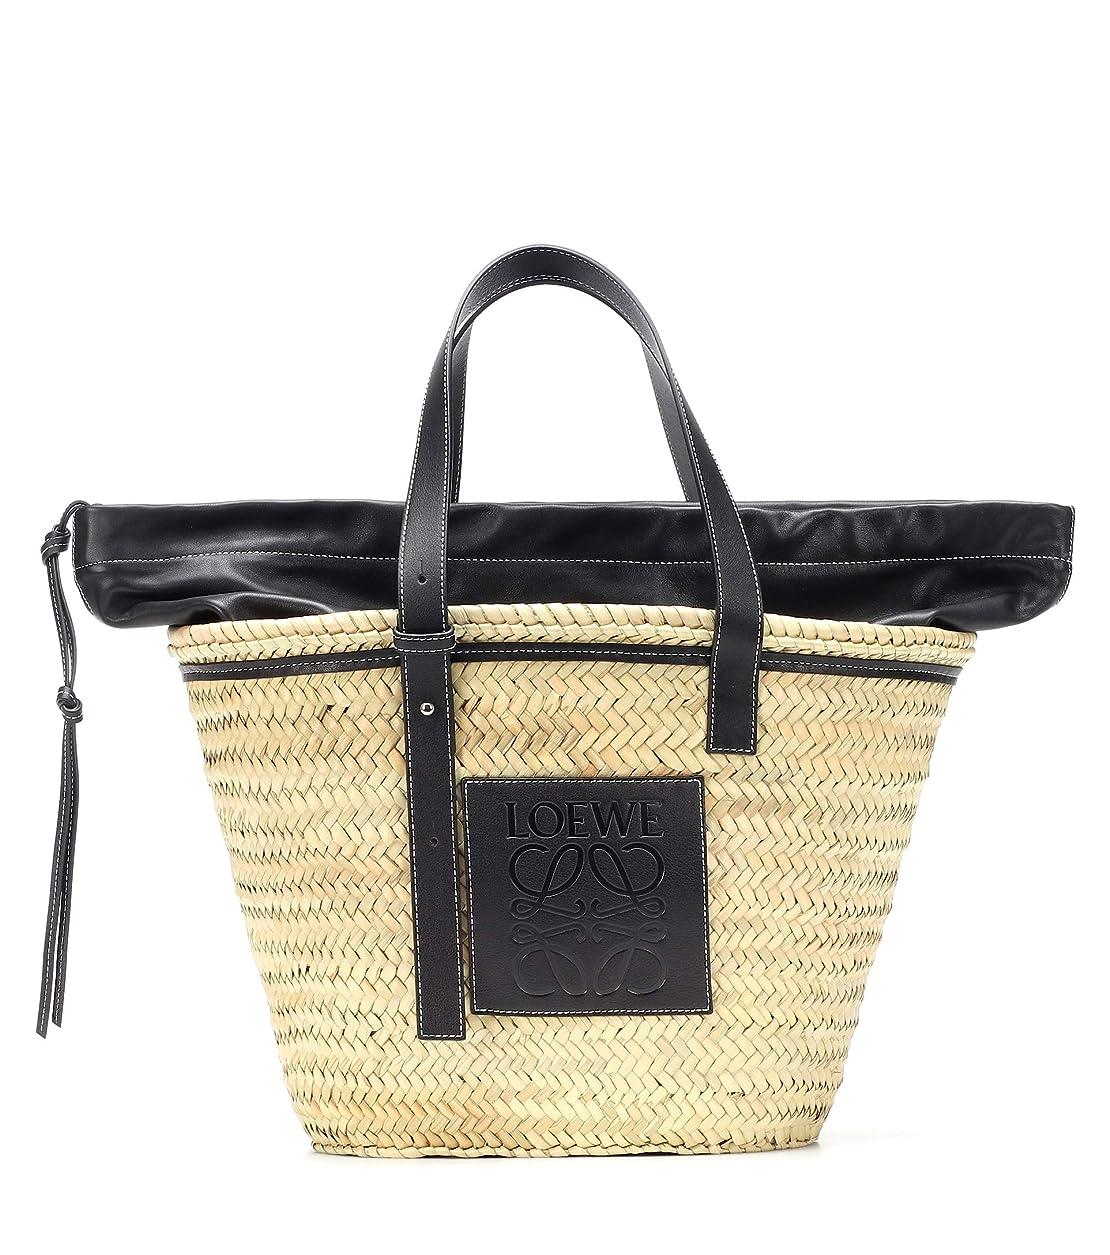 協力するシールド配管(ロエベ) LOEWE Women`s Leather-trimmed woven basket tote bag 女性レザートリミング不織布バスケットトートバッグ (並行輸入品)